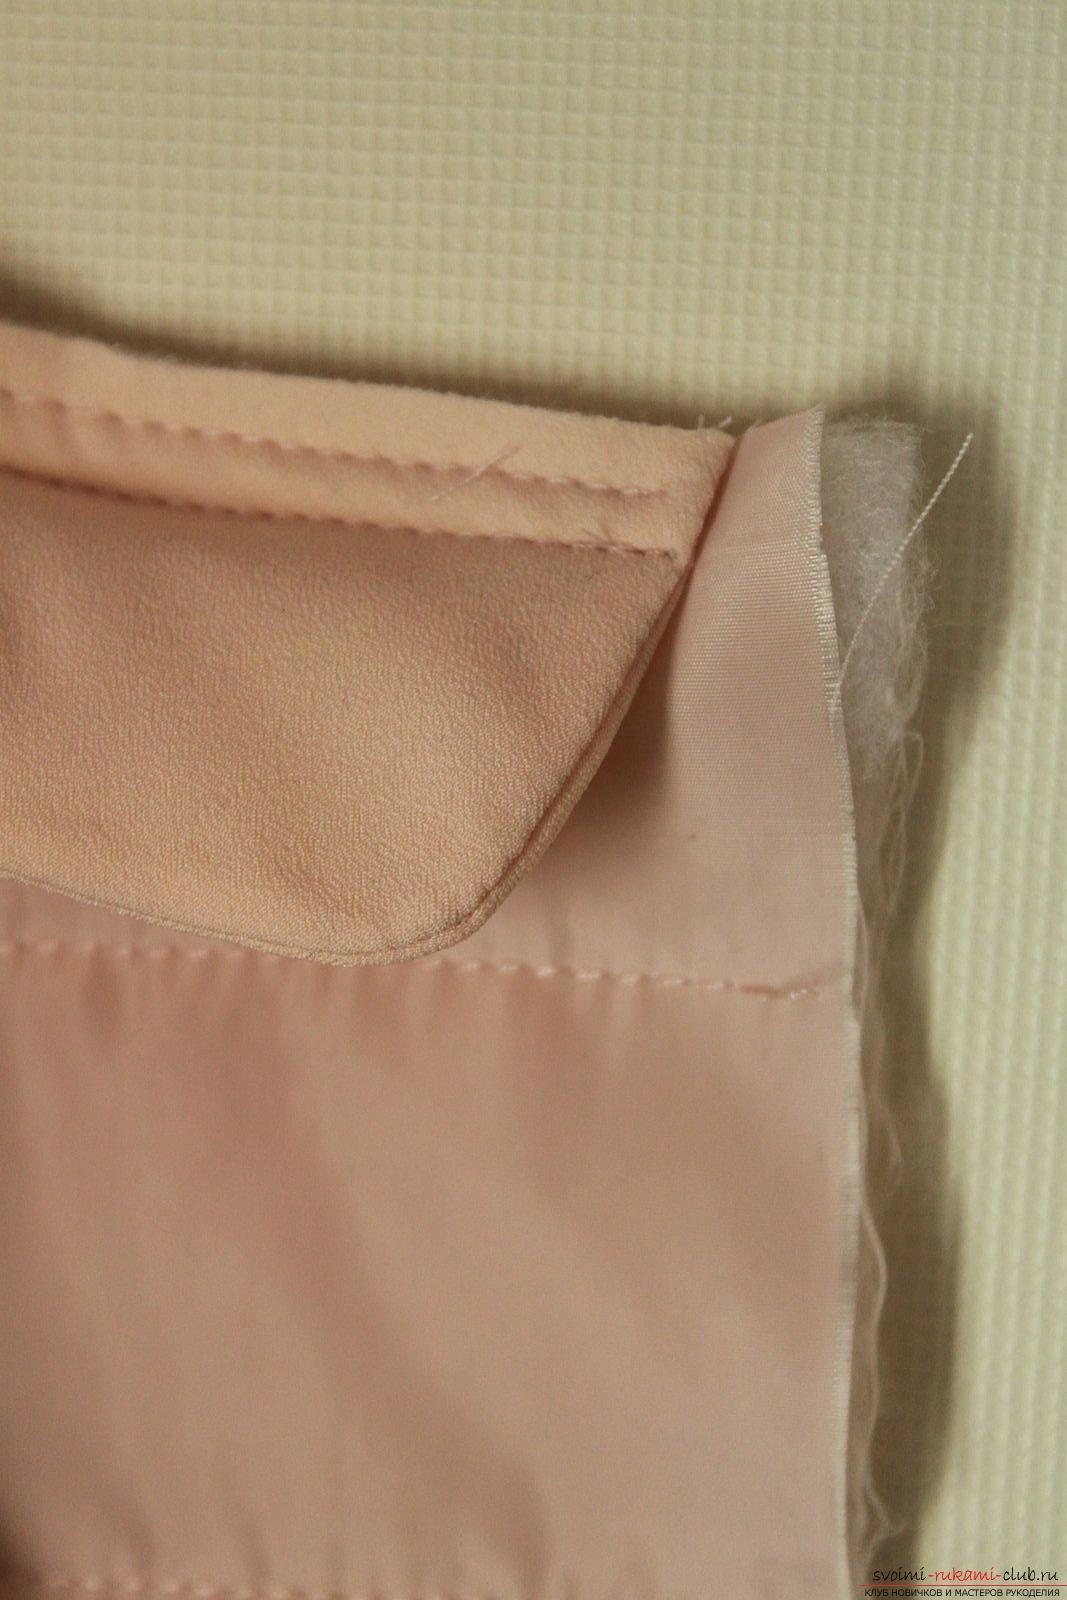 Этот мастер-класс с выкройкой одежды для девочек, фото и описанием шитья детской одежды расскажет как сшить куртки для девочек.. Фото №24